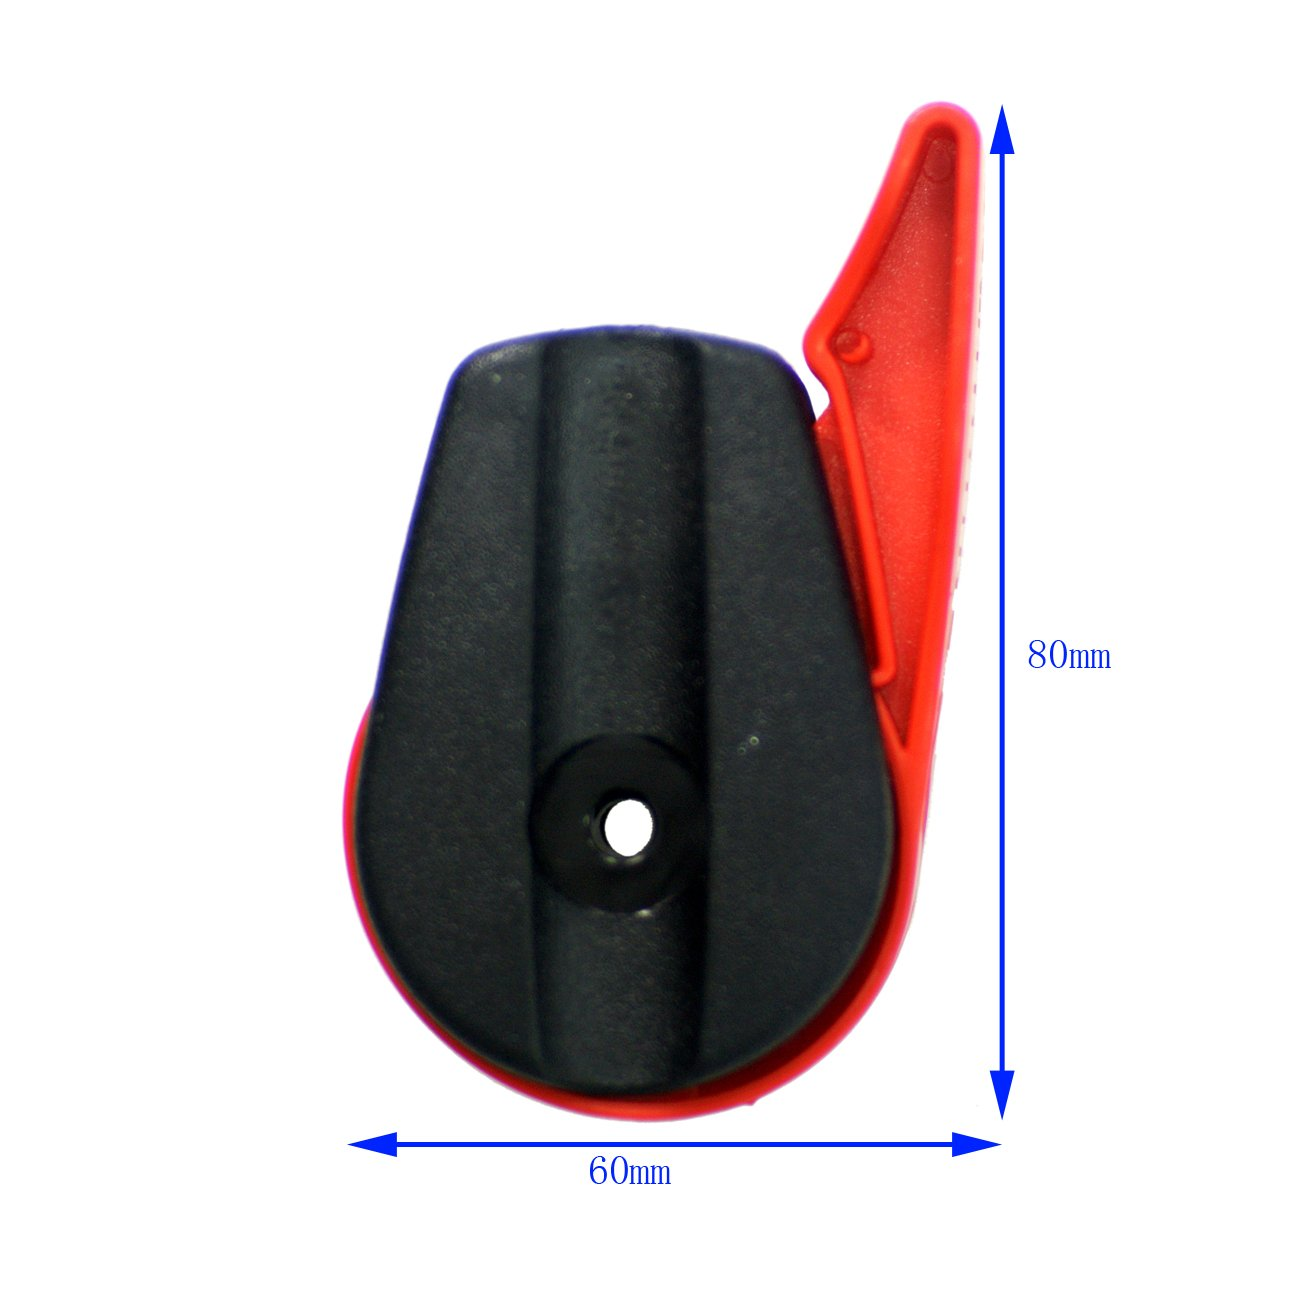 Jrl tondeuse /à gazon Throttle commutateur Compatible avec universel pour la plupart des tondeuses